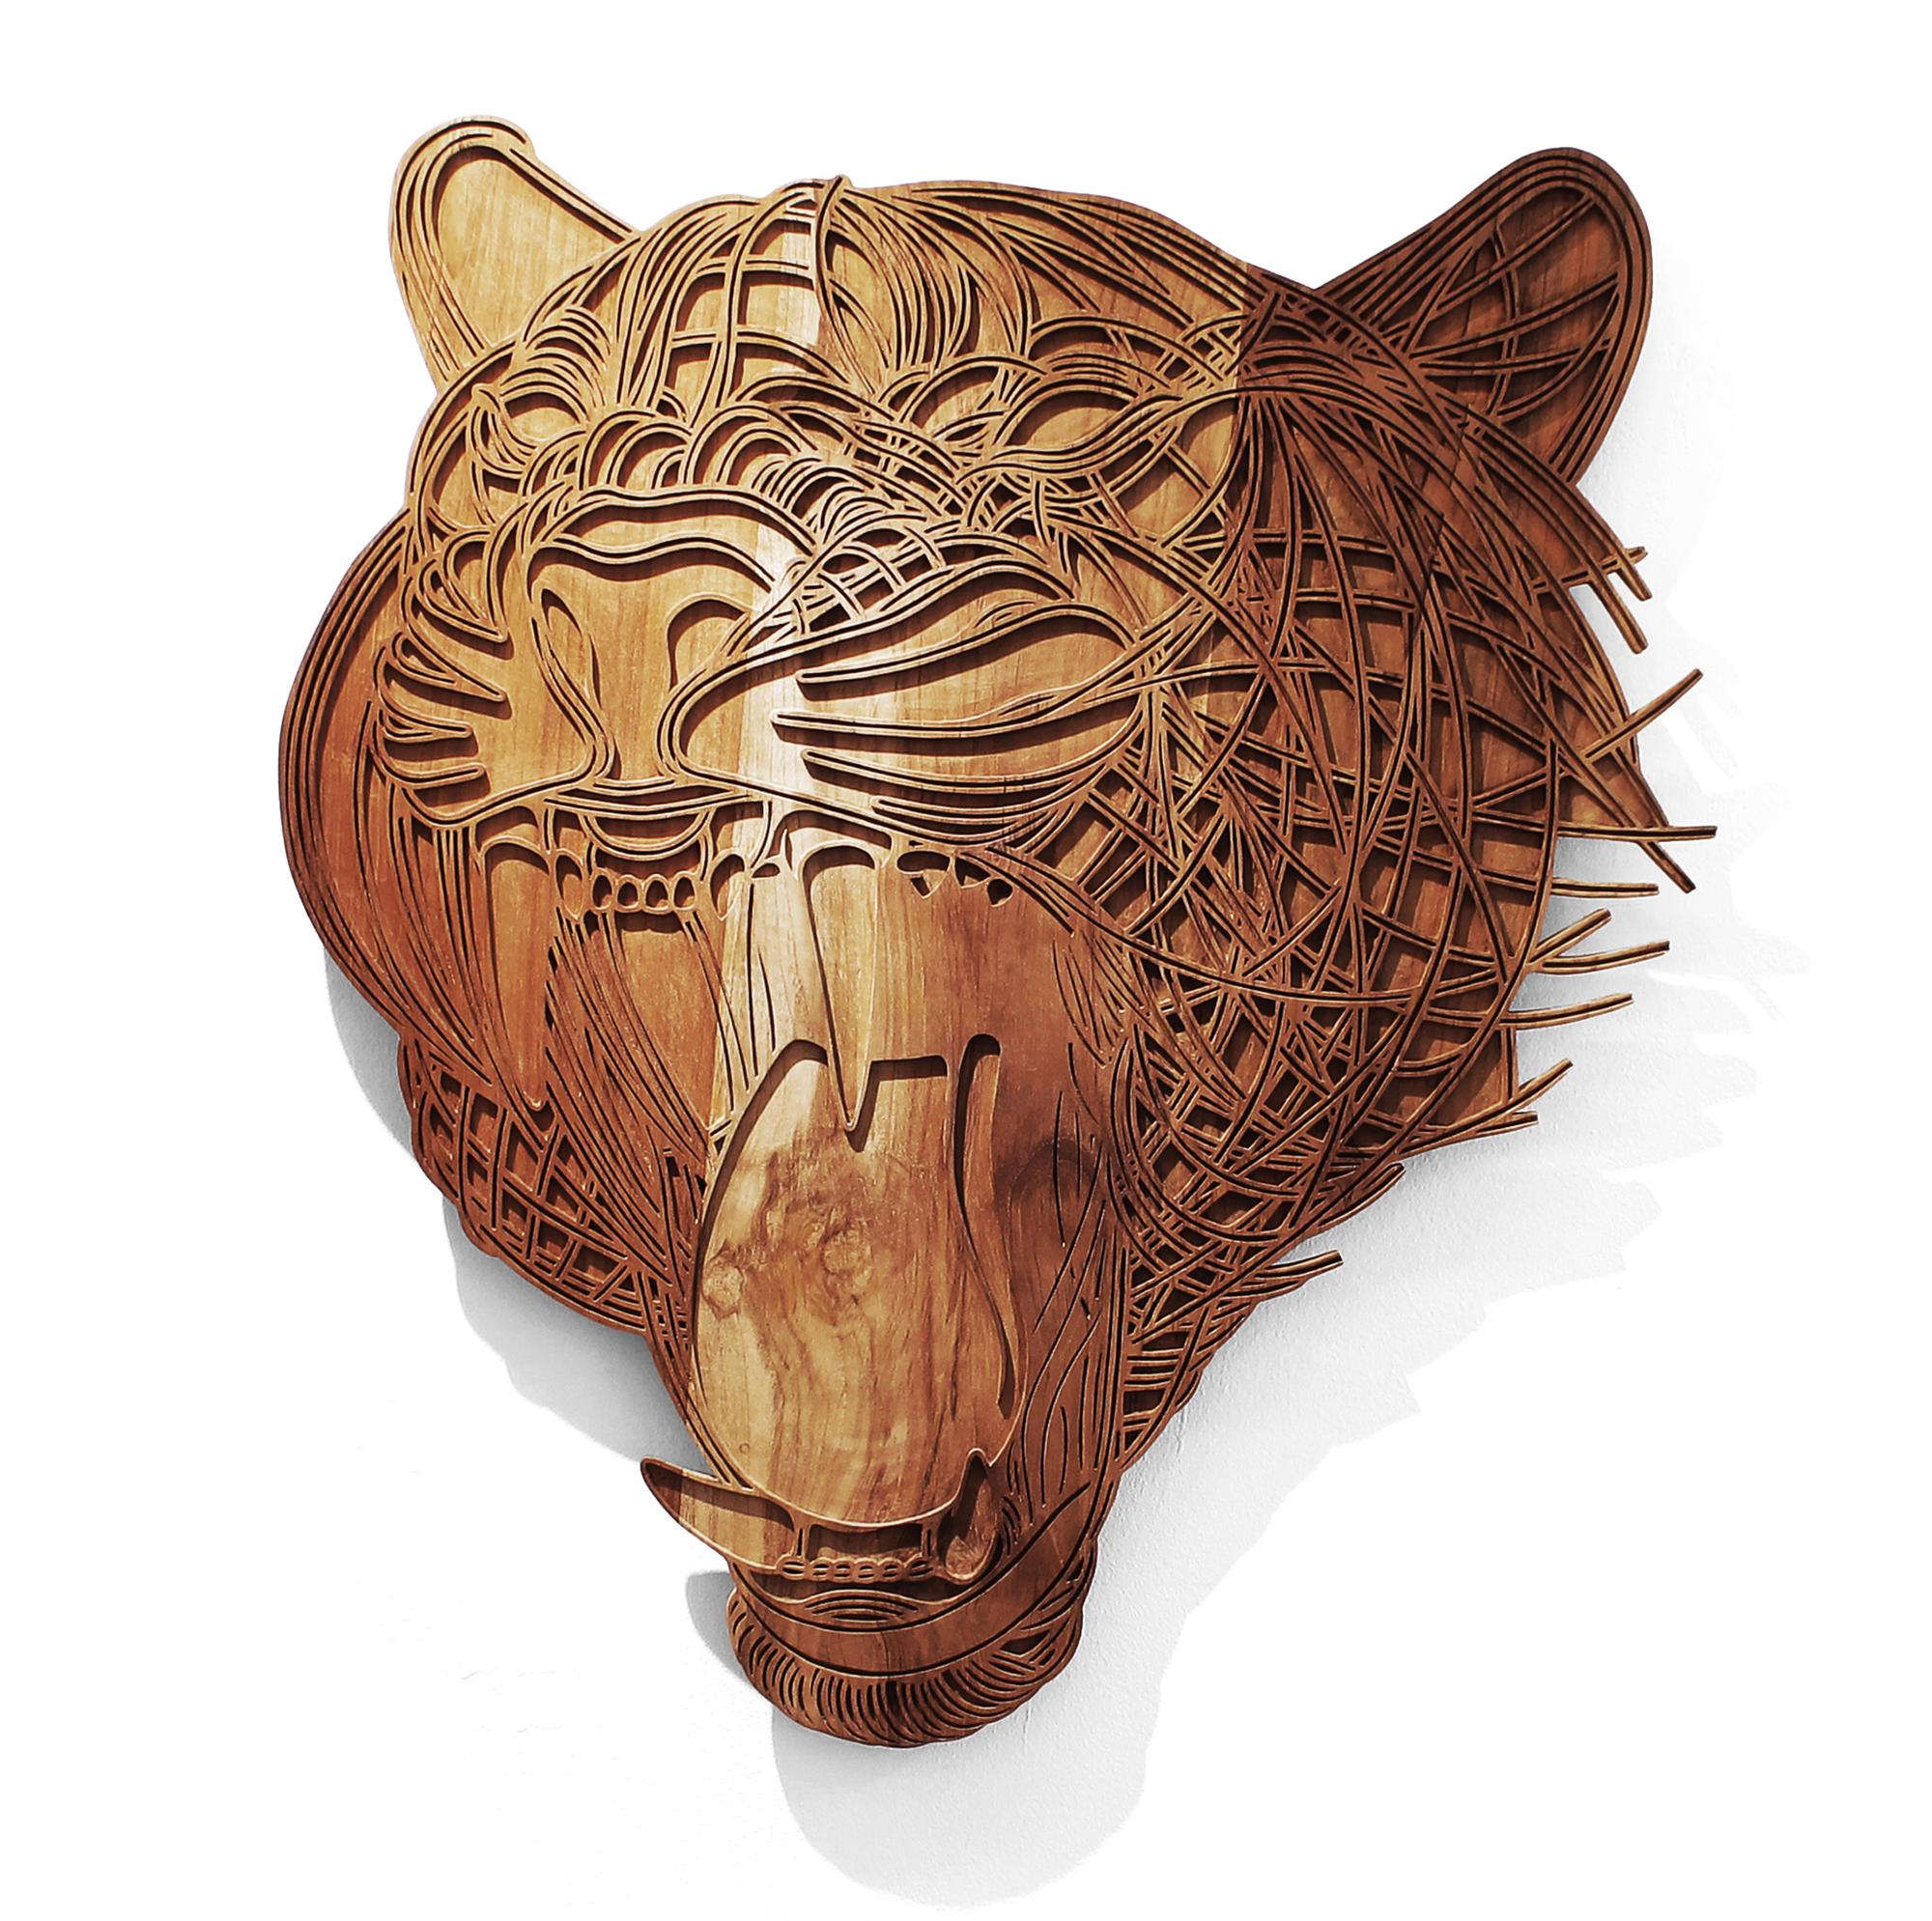 Max Gartner Wood Carvings